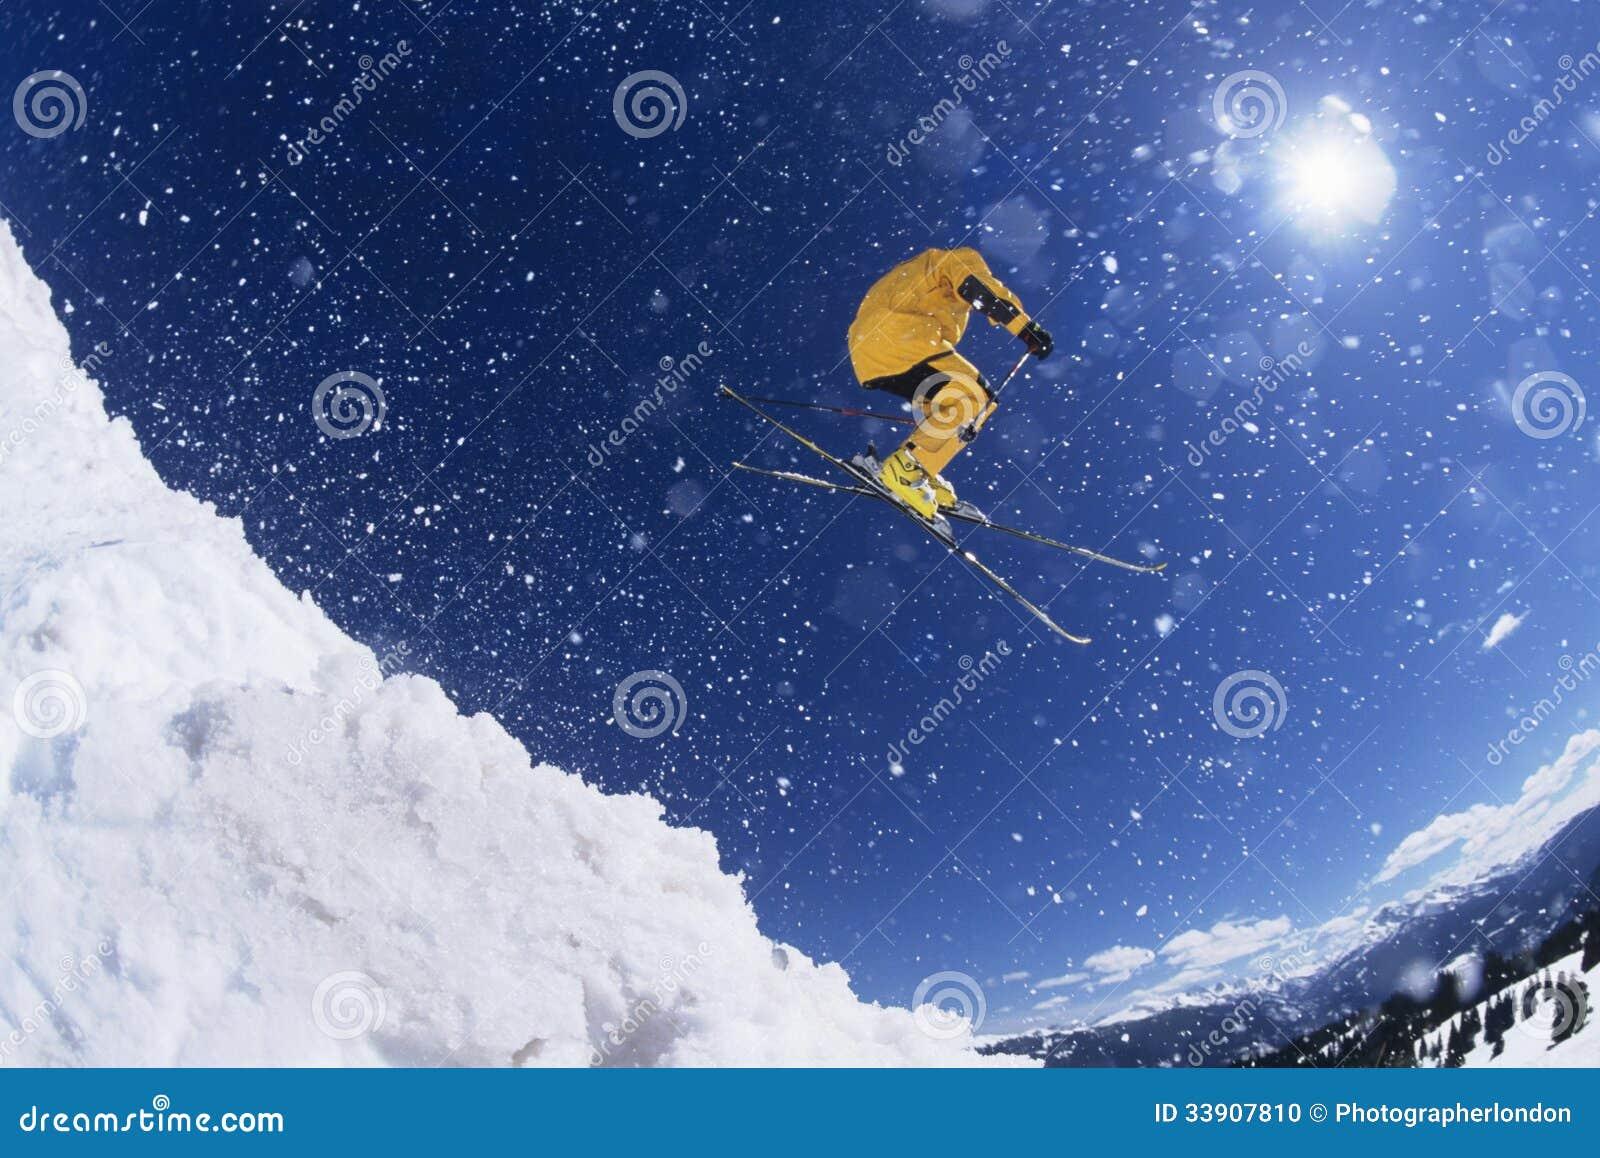 Skiër in midair boven sneeuw